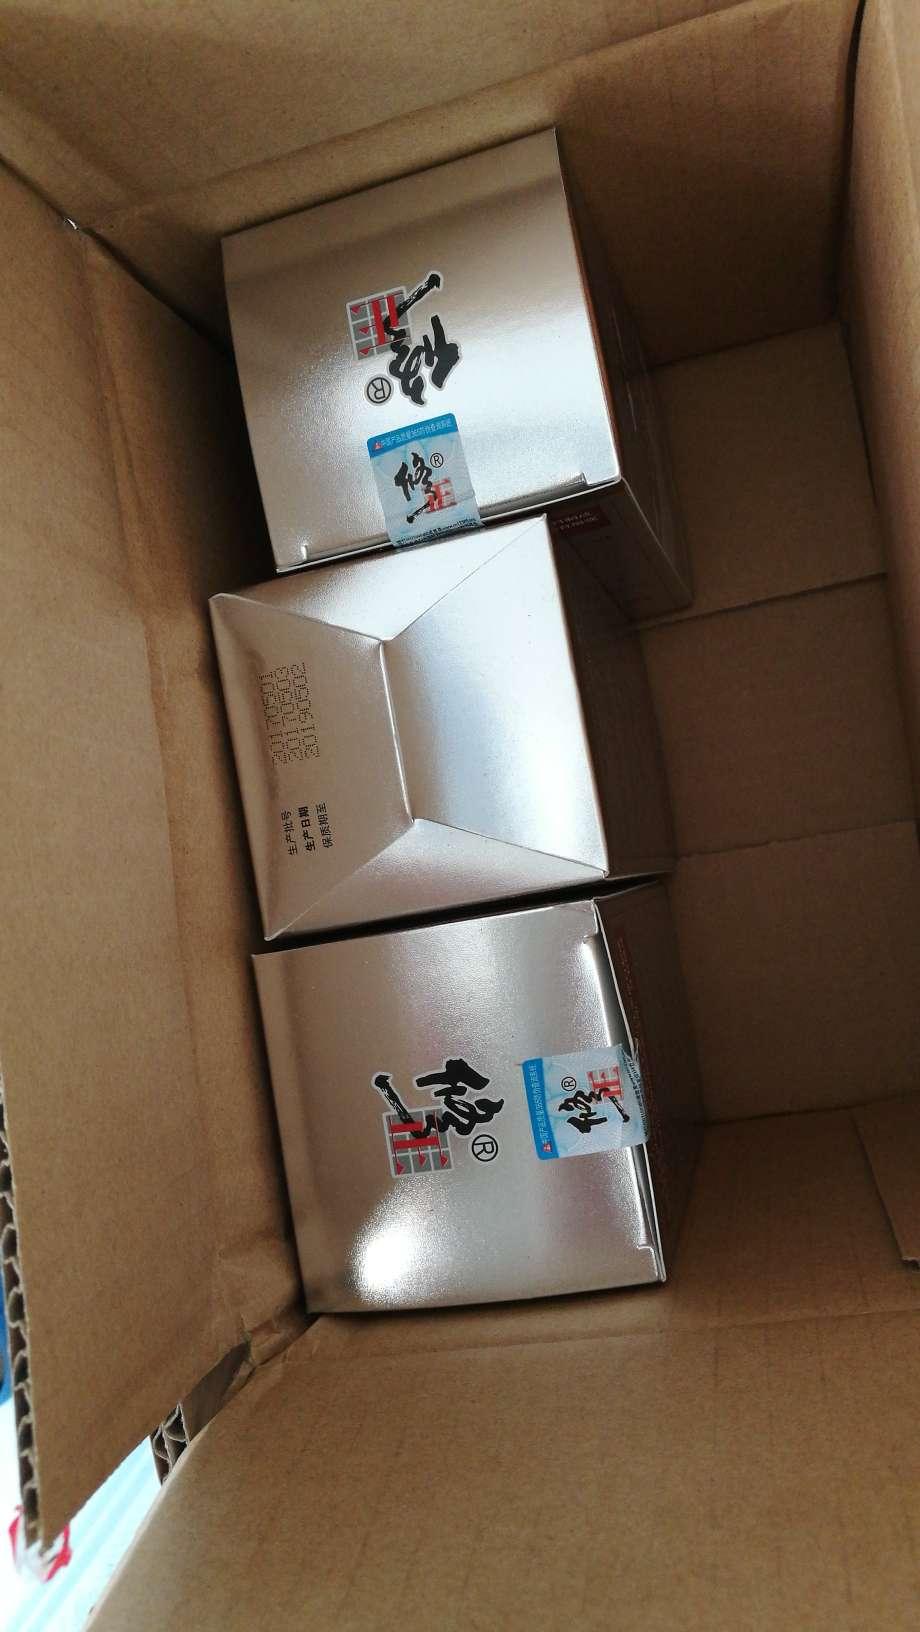 cheap air max mens trainers 00218631 online